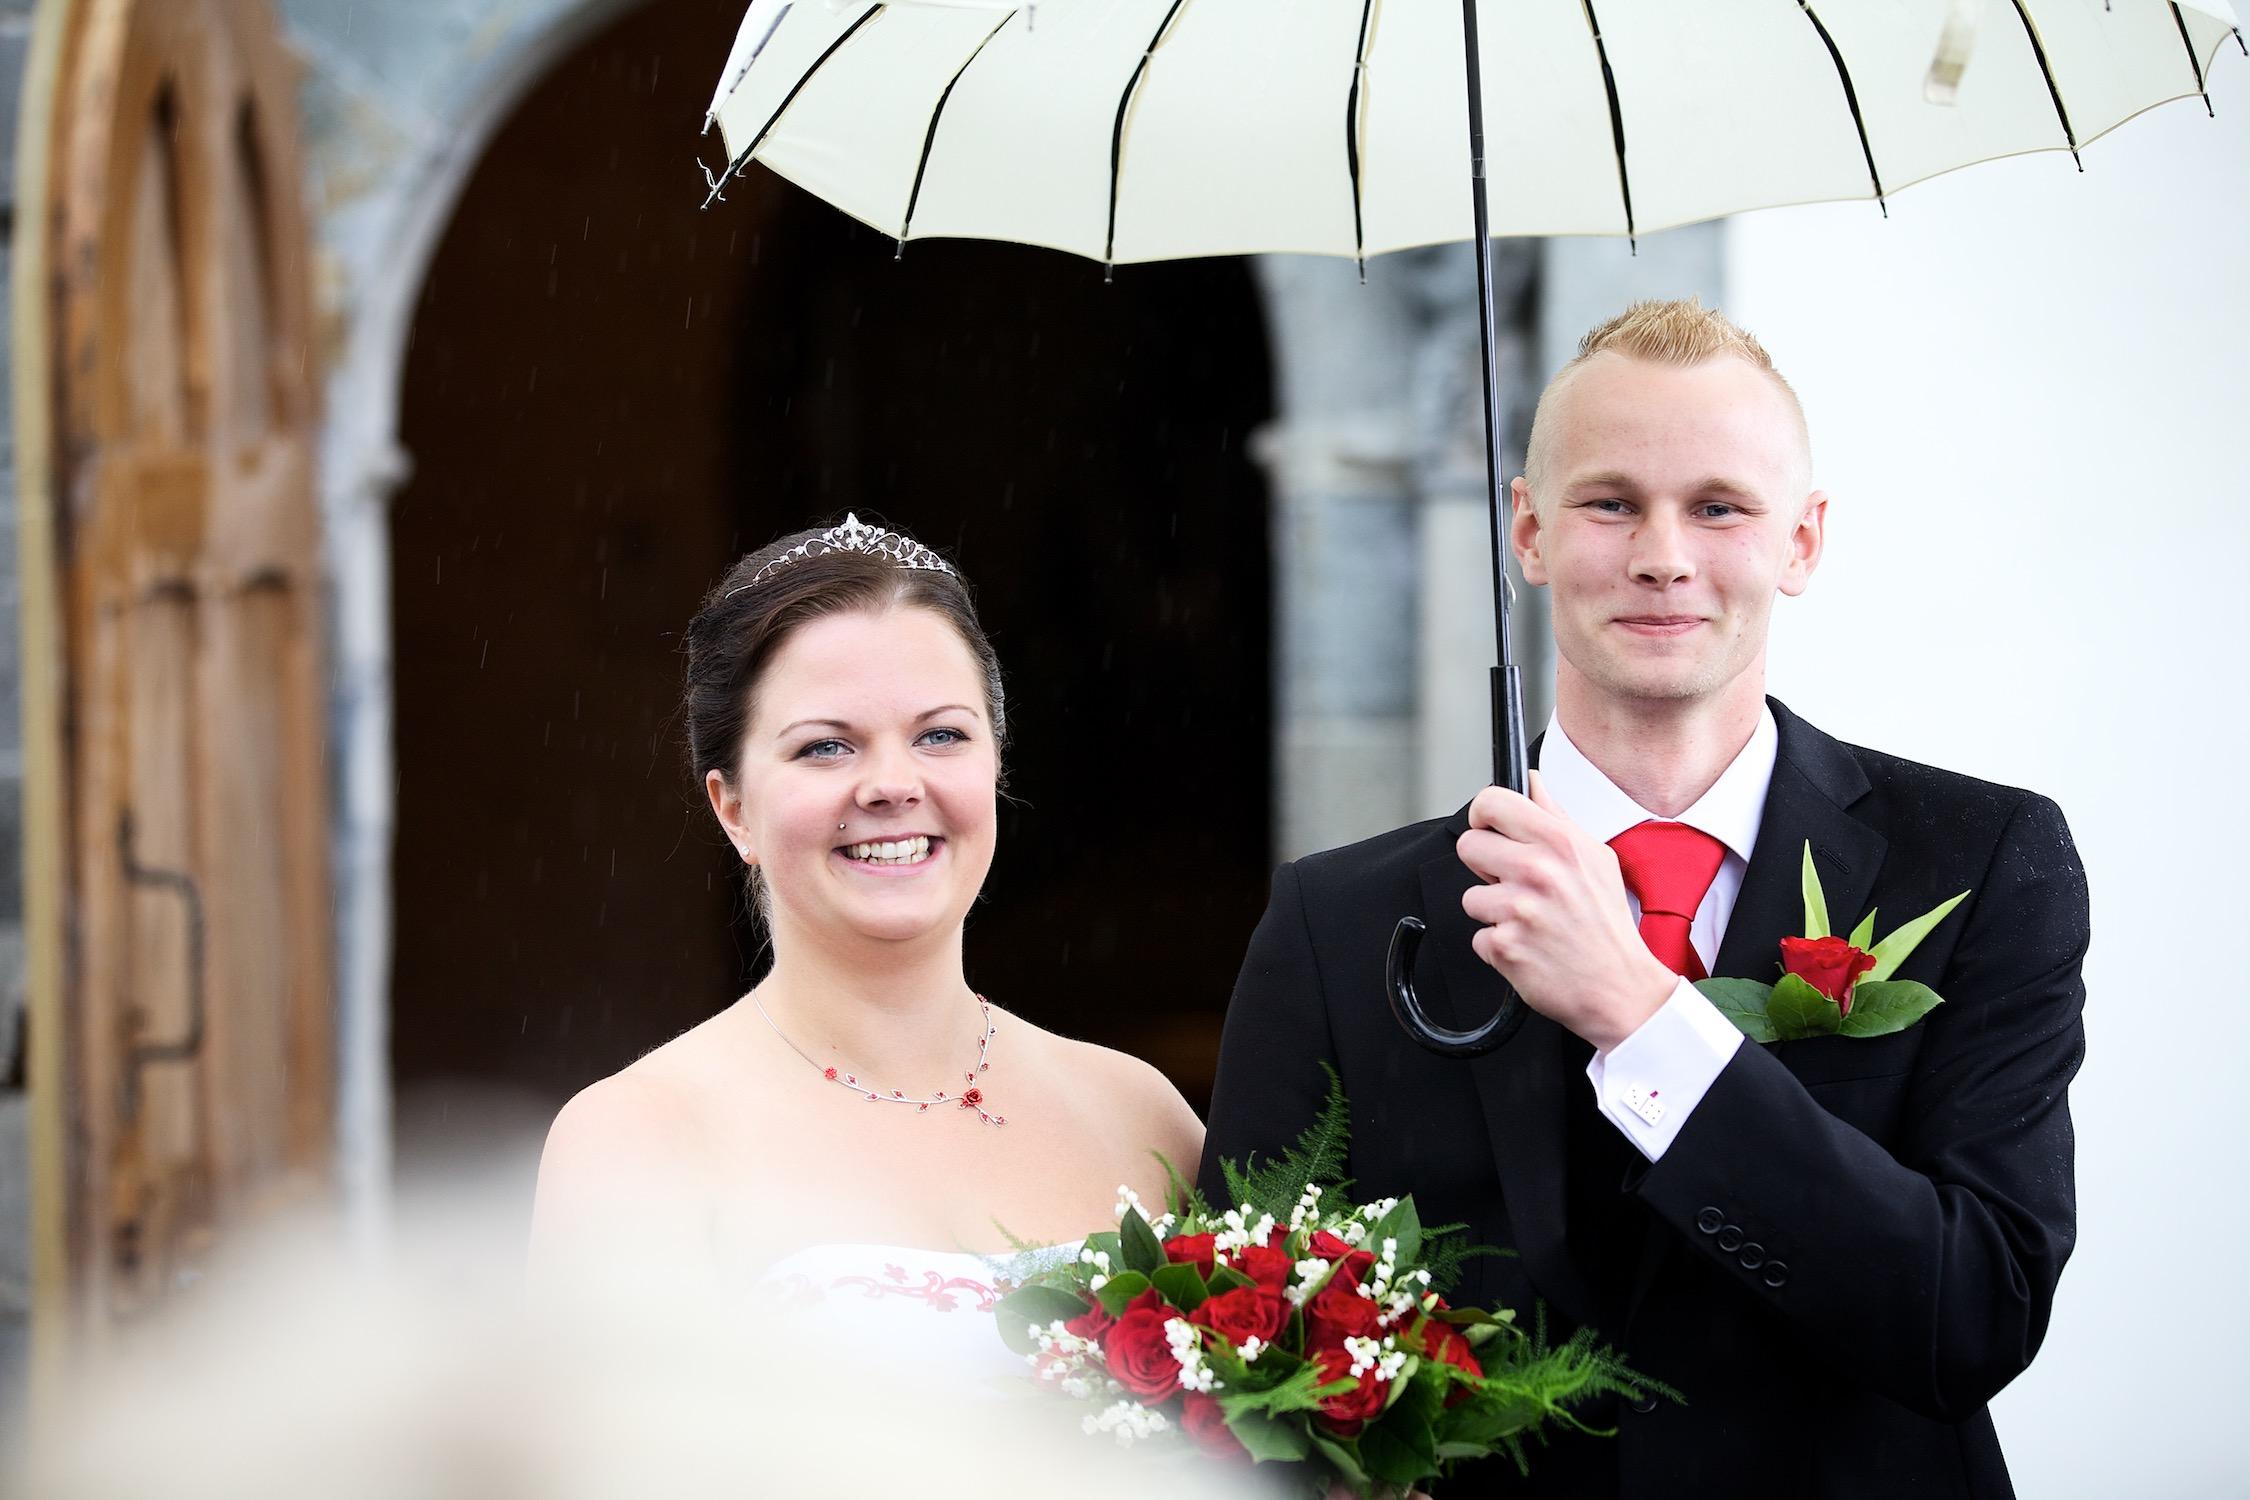 bryllup-bryllupsfotograf-bryllupsfotografering-fotograf-pål-hodne-hodne-design-hodnedesign 4.jpg